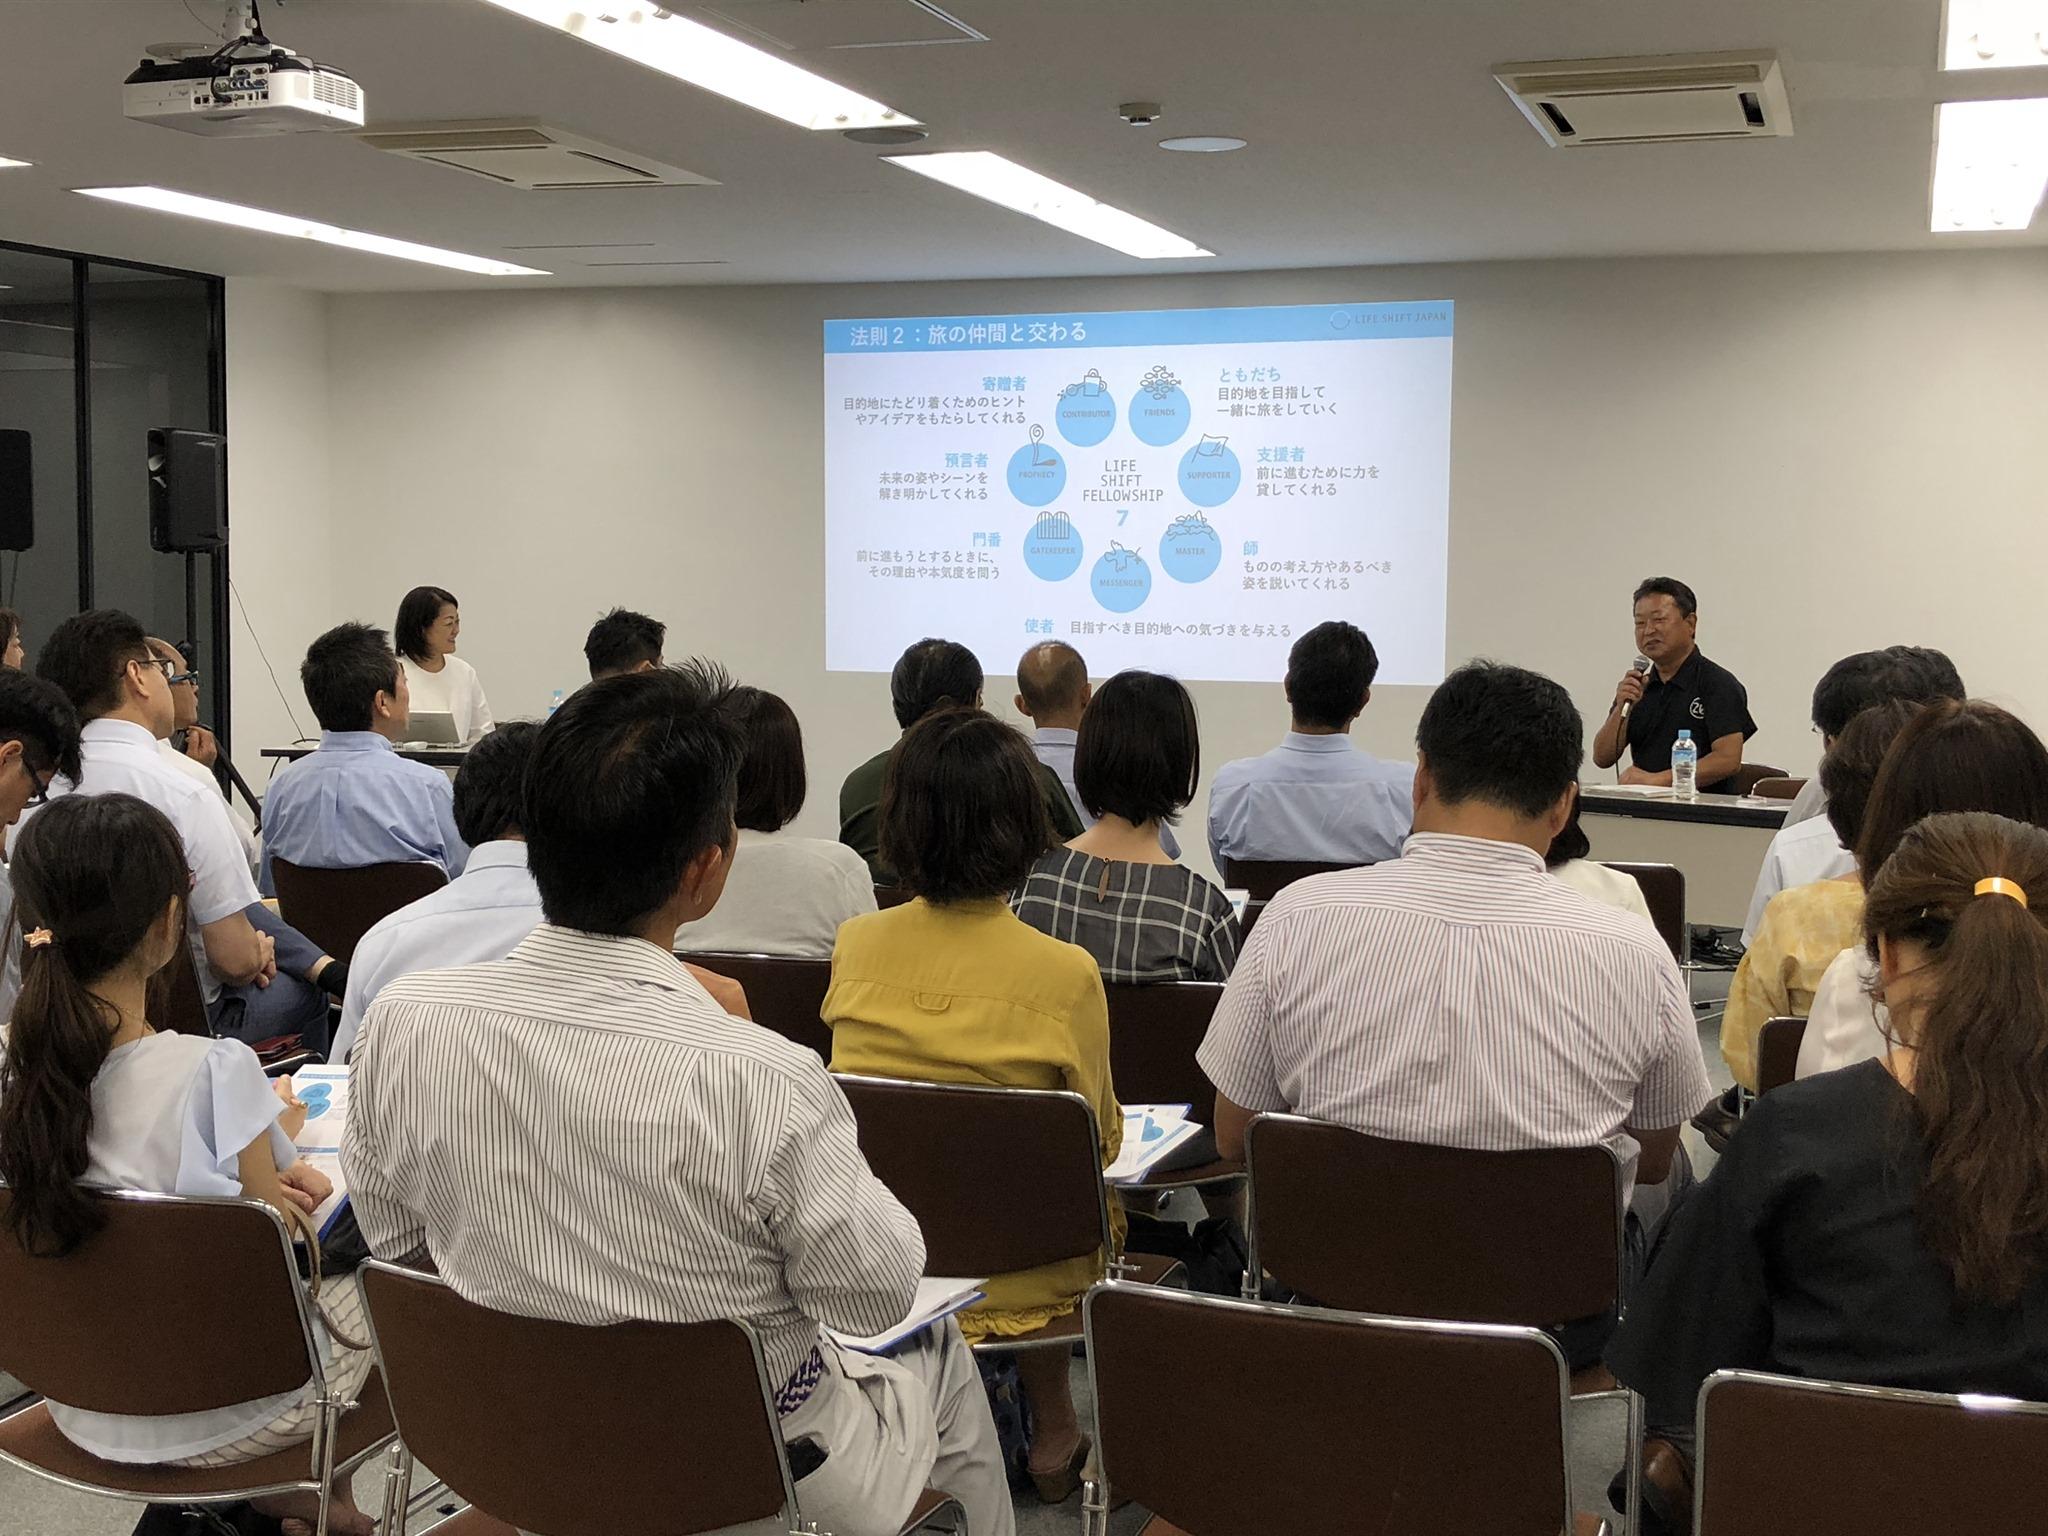 8月27日(火)19時から、「大井町コミュニティキャンパス」としての初めての公開イベント、「45歳からのライフシフト講座プレセミナー」を開催しました。